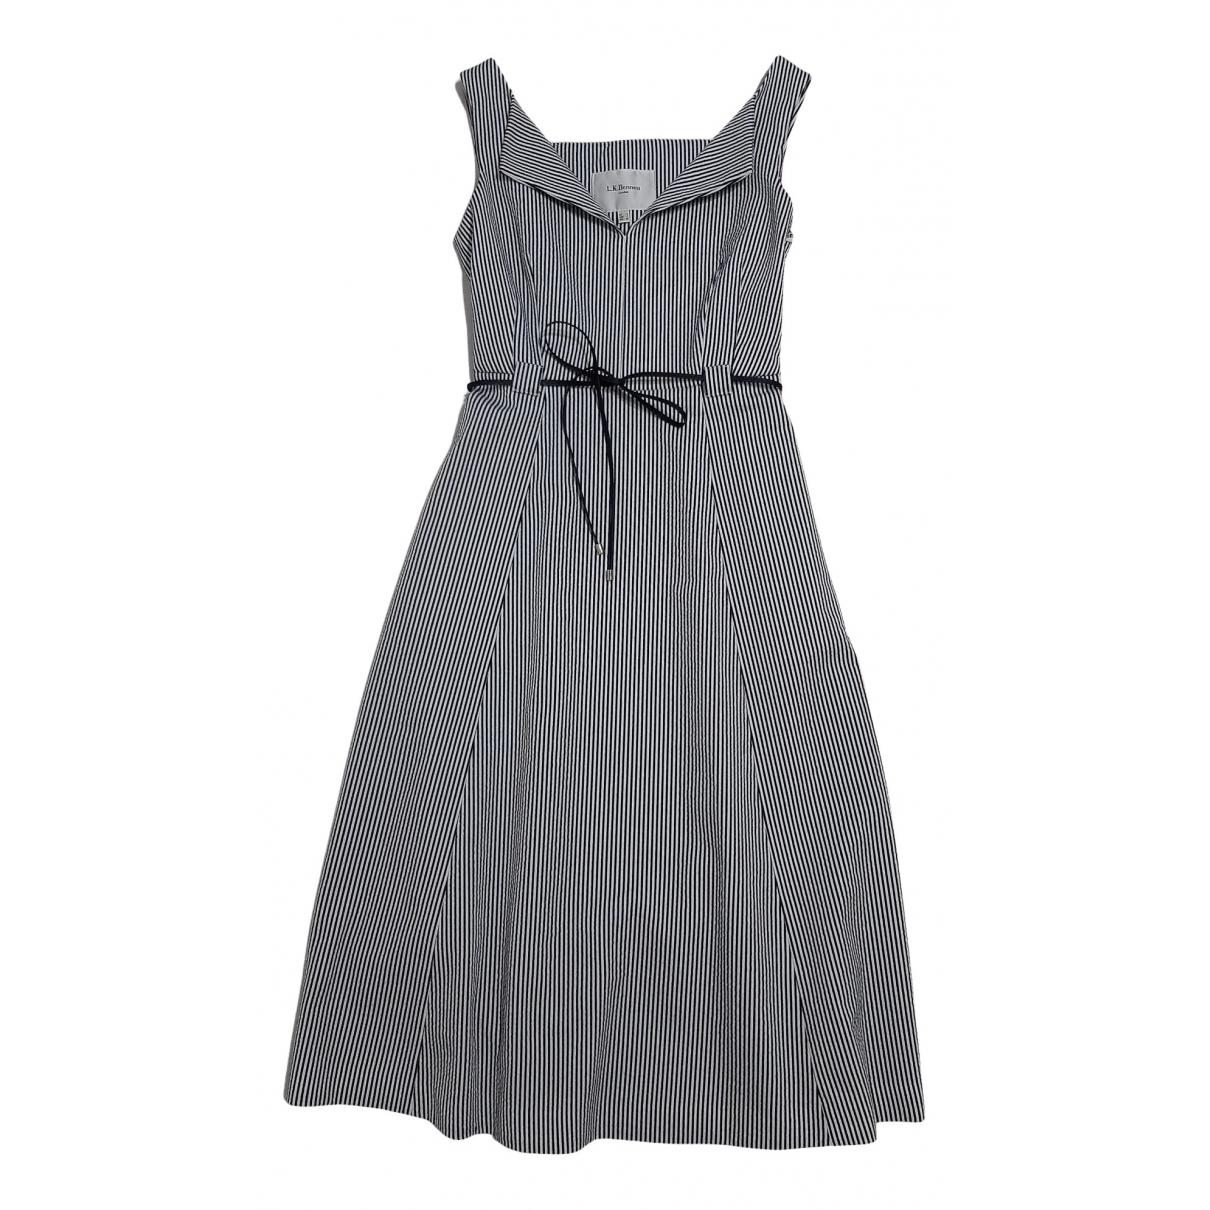 Lk Bennett \N Blue Cotton - elasthane dress for Women 36 FR